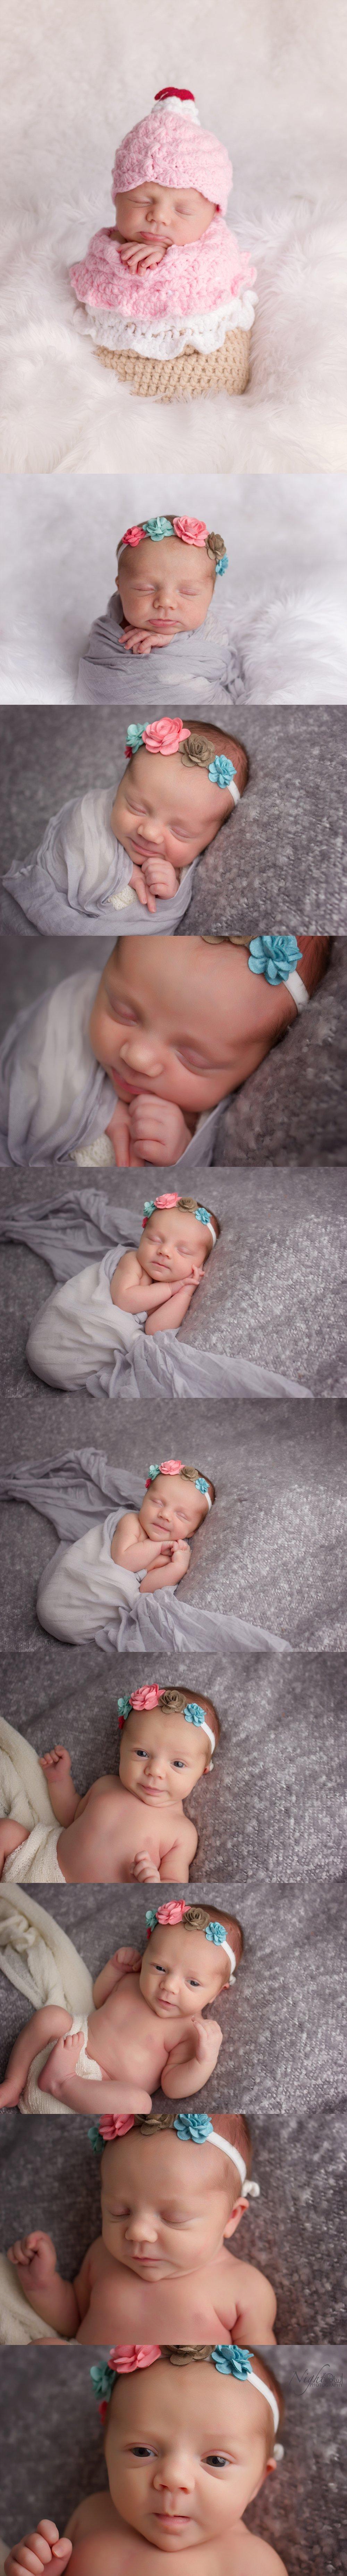 St. Joseph Michigan Newborn, Child and family Photographer_0316.jpg